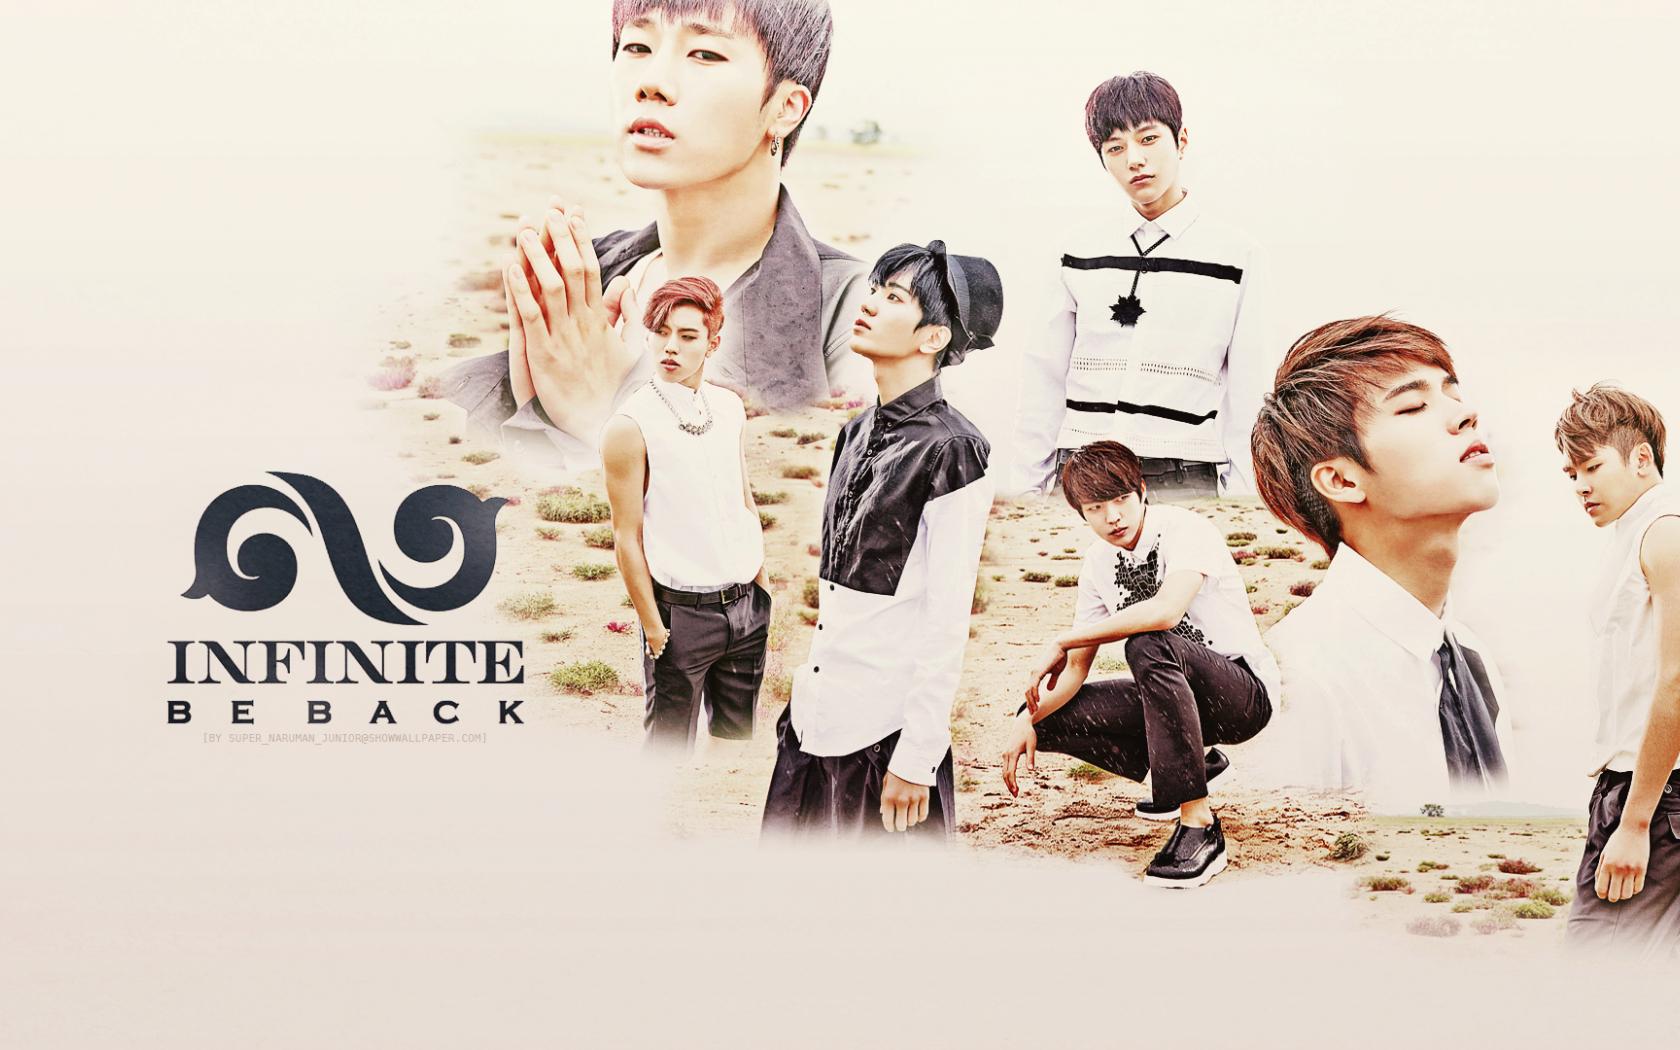 Free download Infinite L Tumblr infinite kpop desktop wallpaper ...